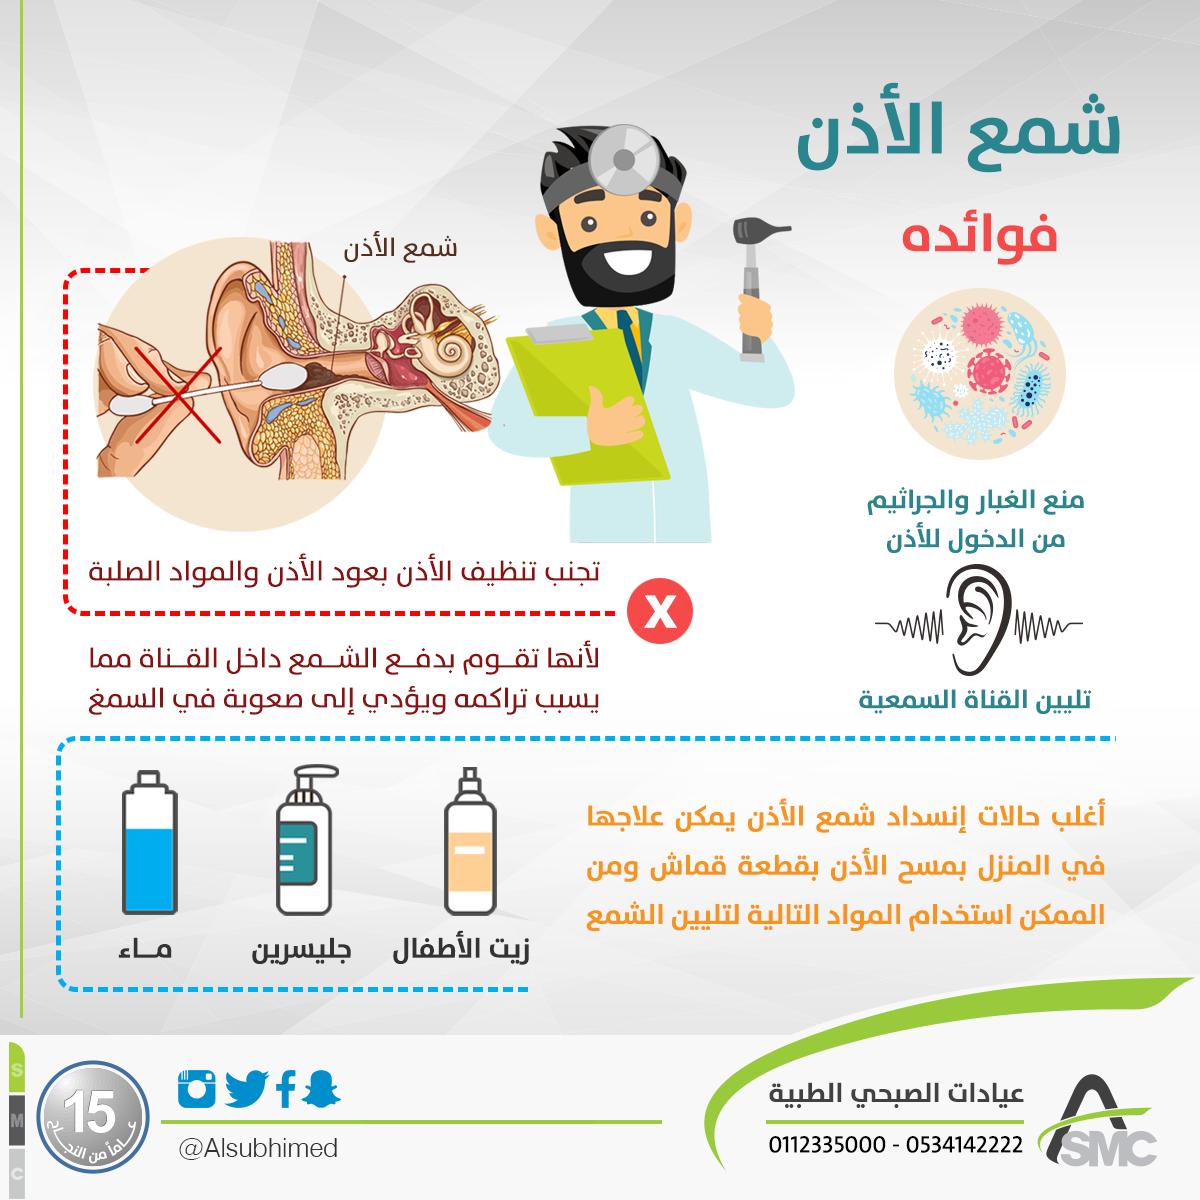 لاشك أن كثير من الأشخاص يعتمد في تنظيف الأذن بعد الاستحمام بأعواد التنظيف المنتشرة حتى وبعد اكتشافه بأنها مضرة لسلامة الأذن نرفق لك Medical Center Medical Map